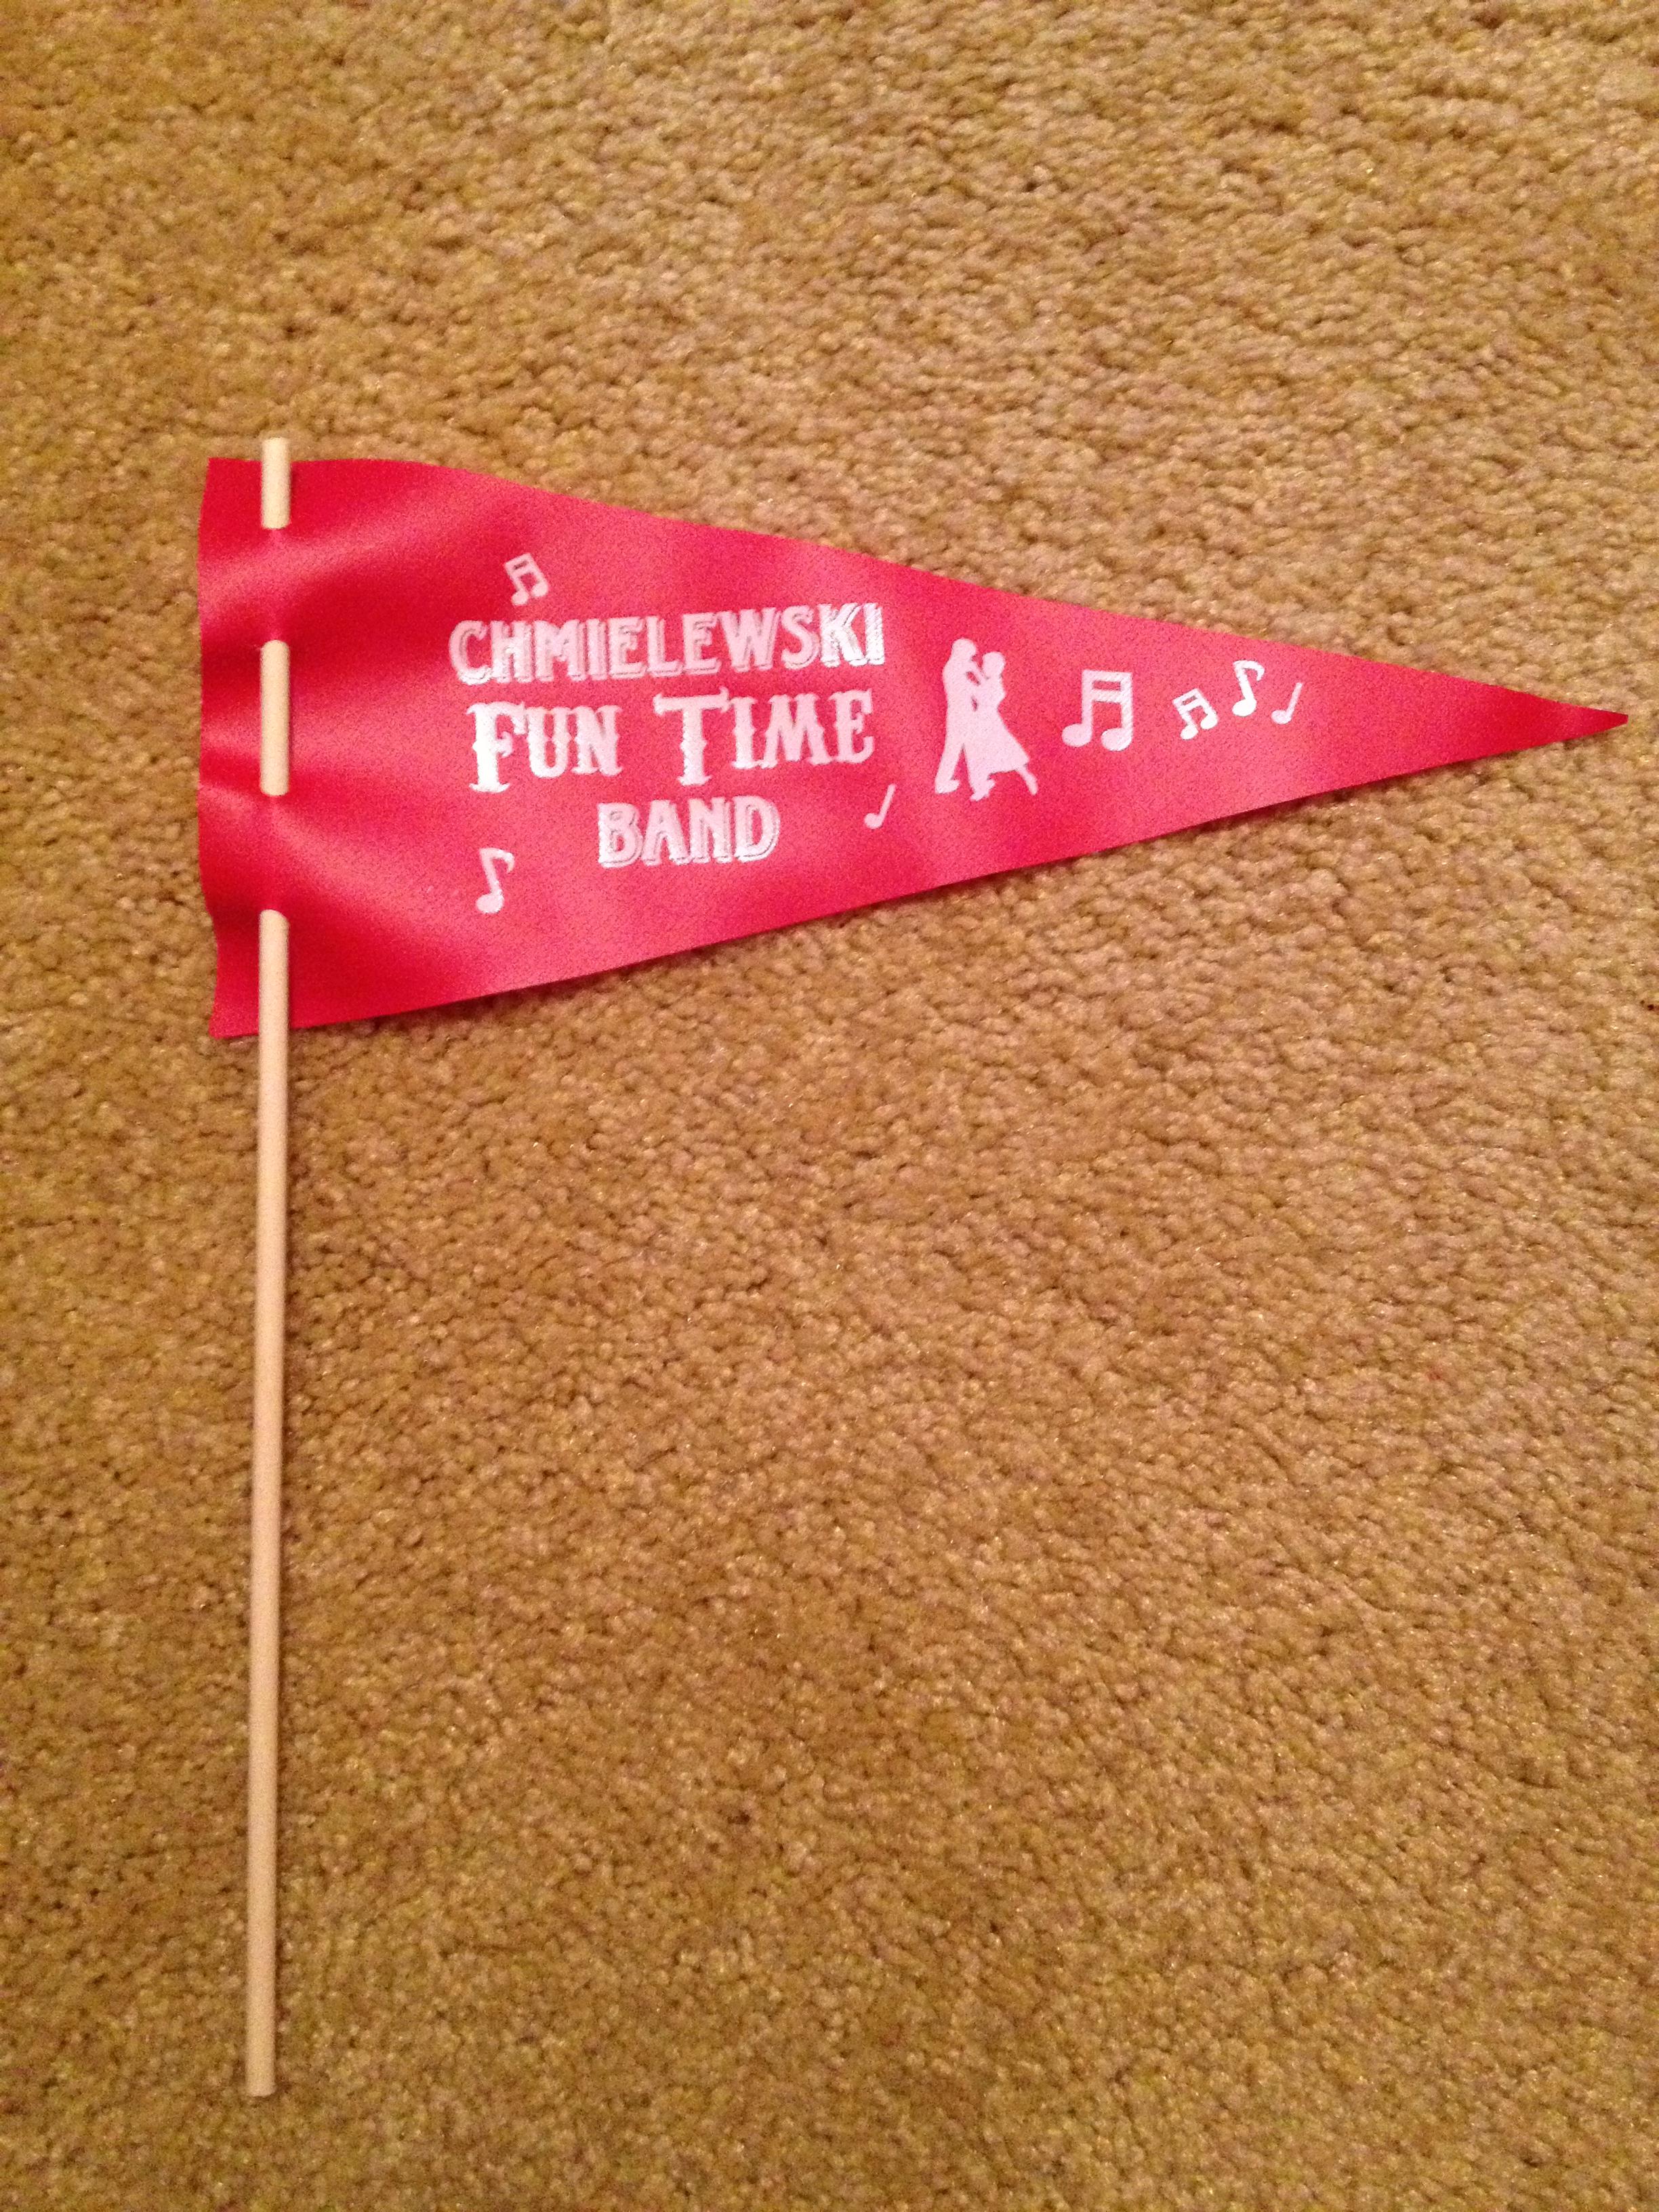 Chmielewski Funtime Band